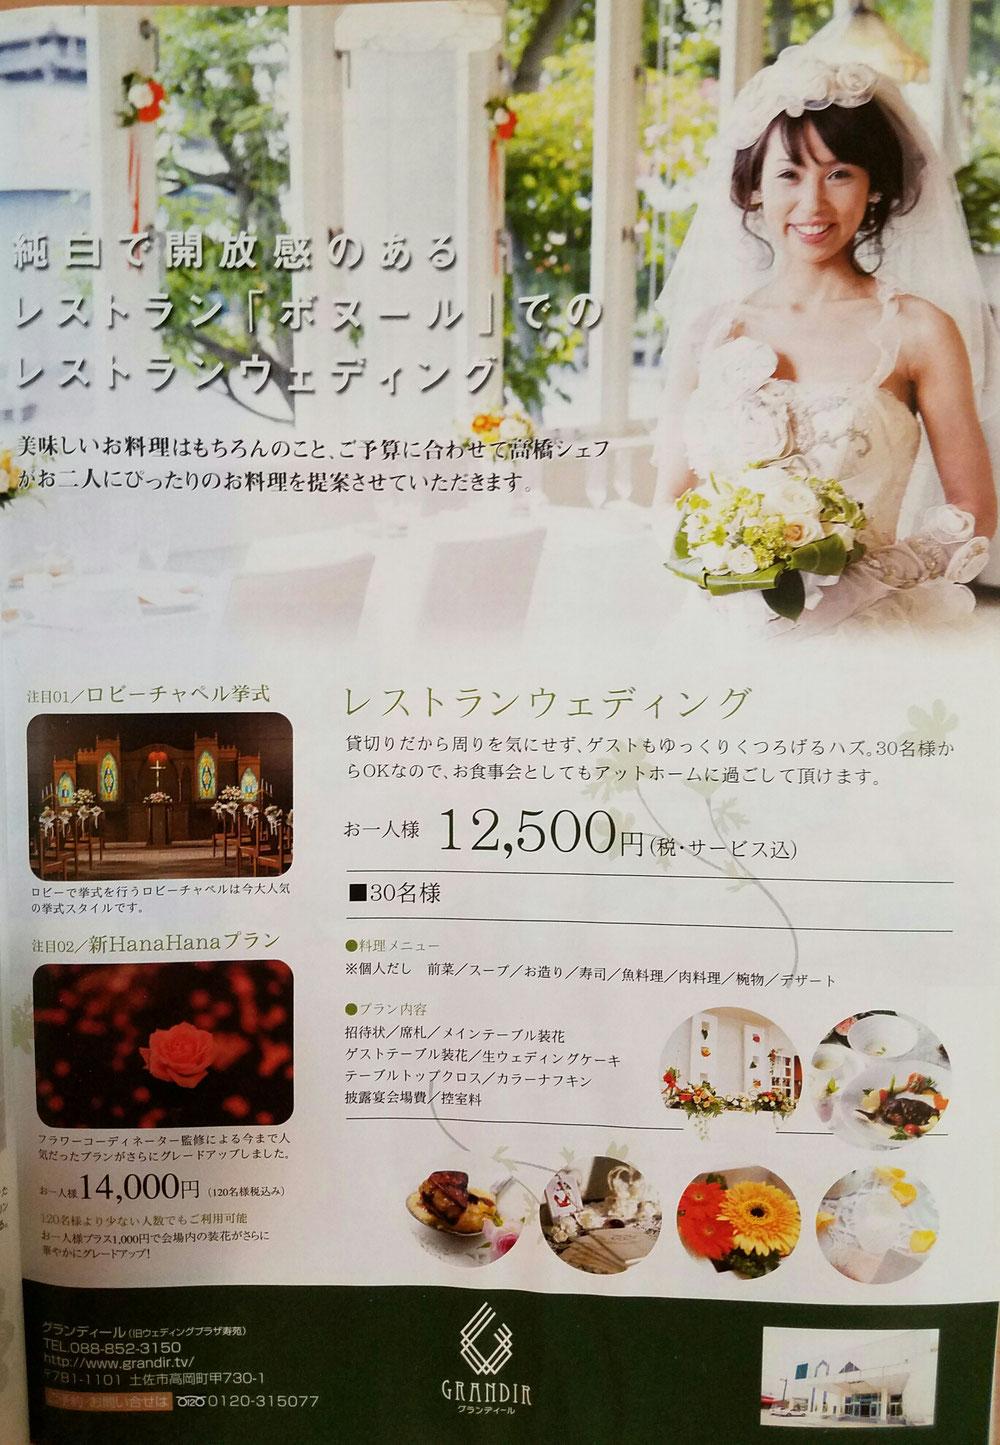 【グランディール】ブライダルCM、雑誌